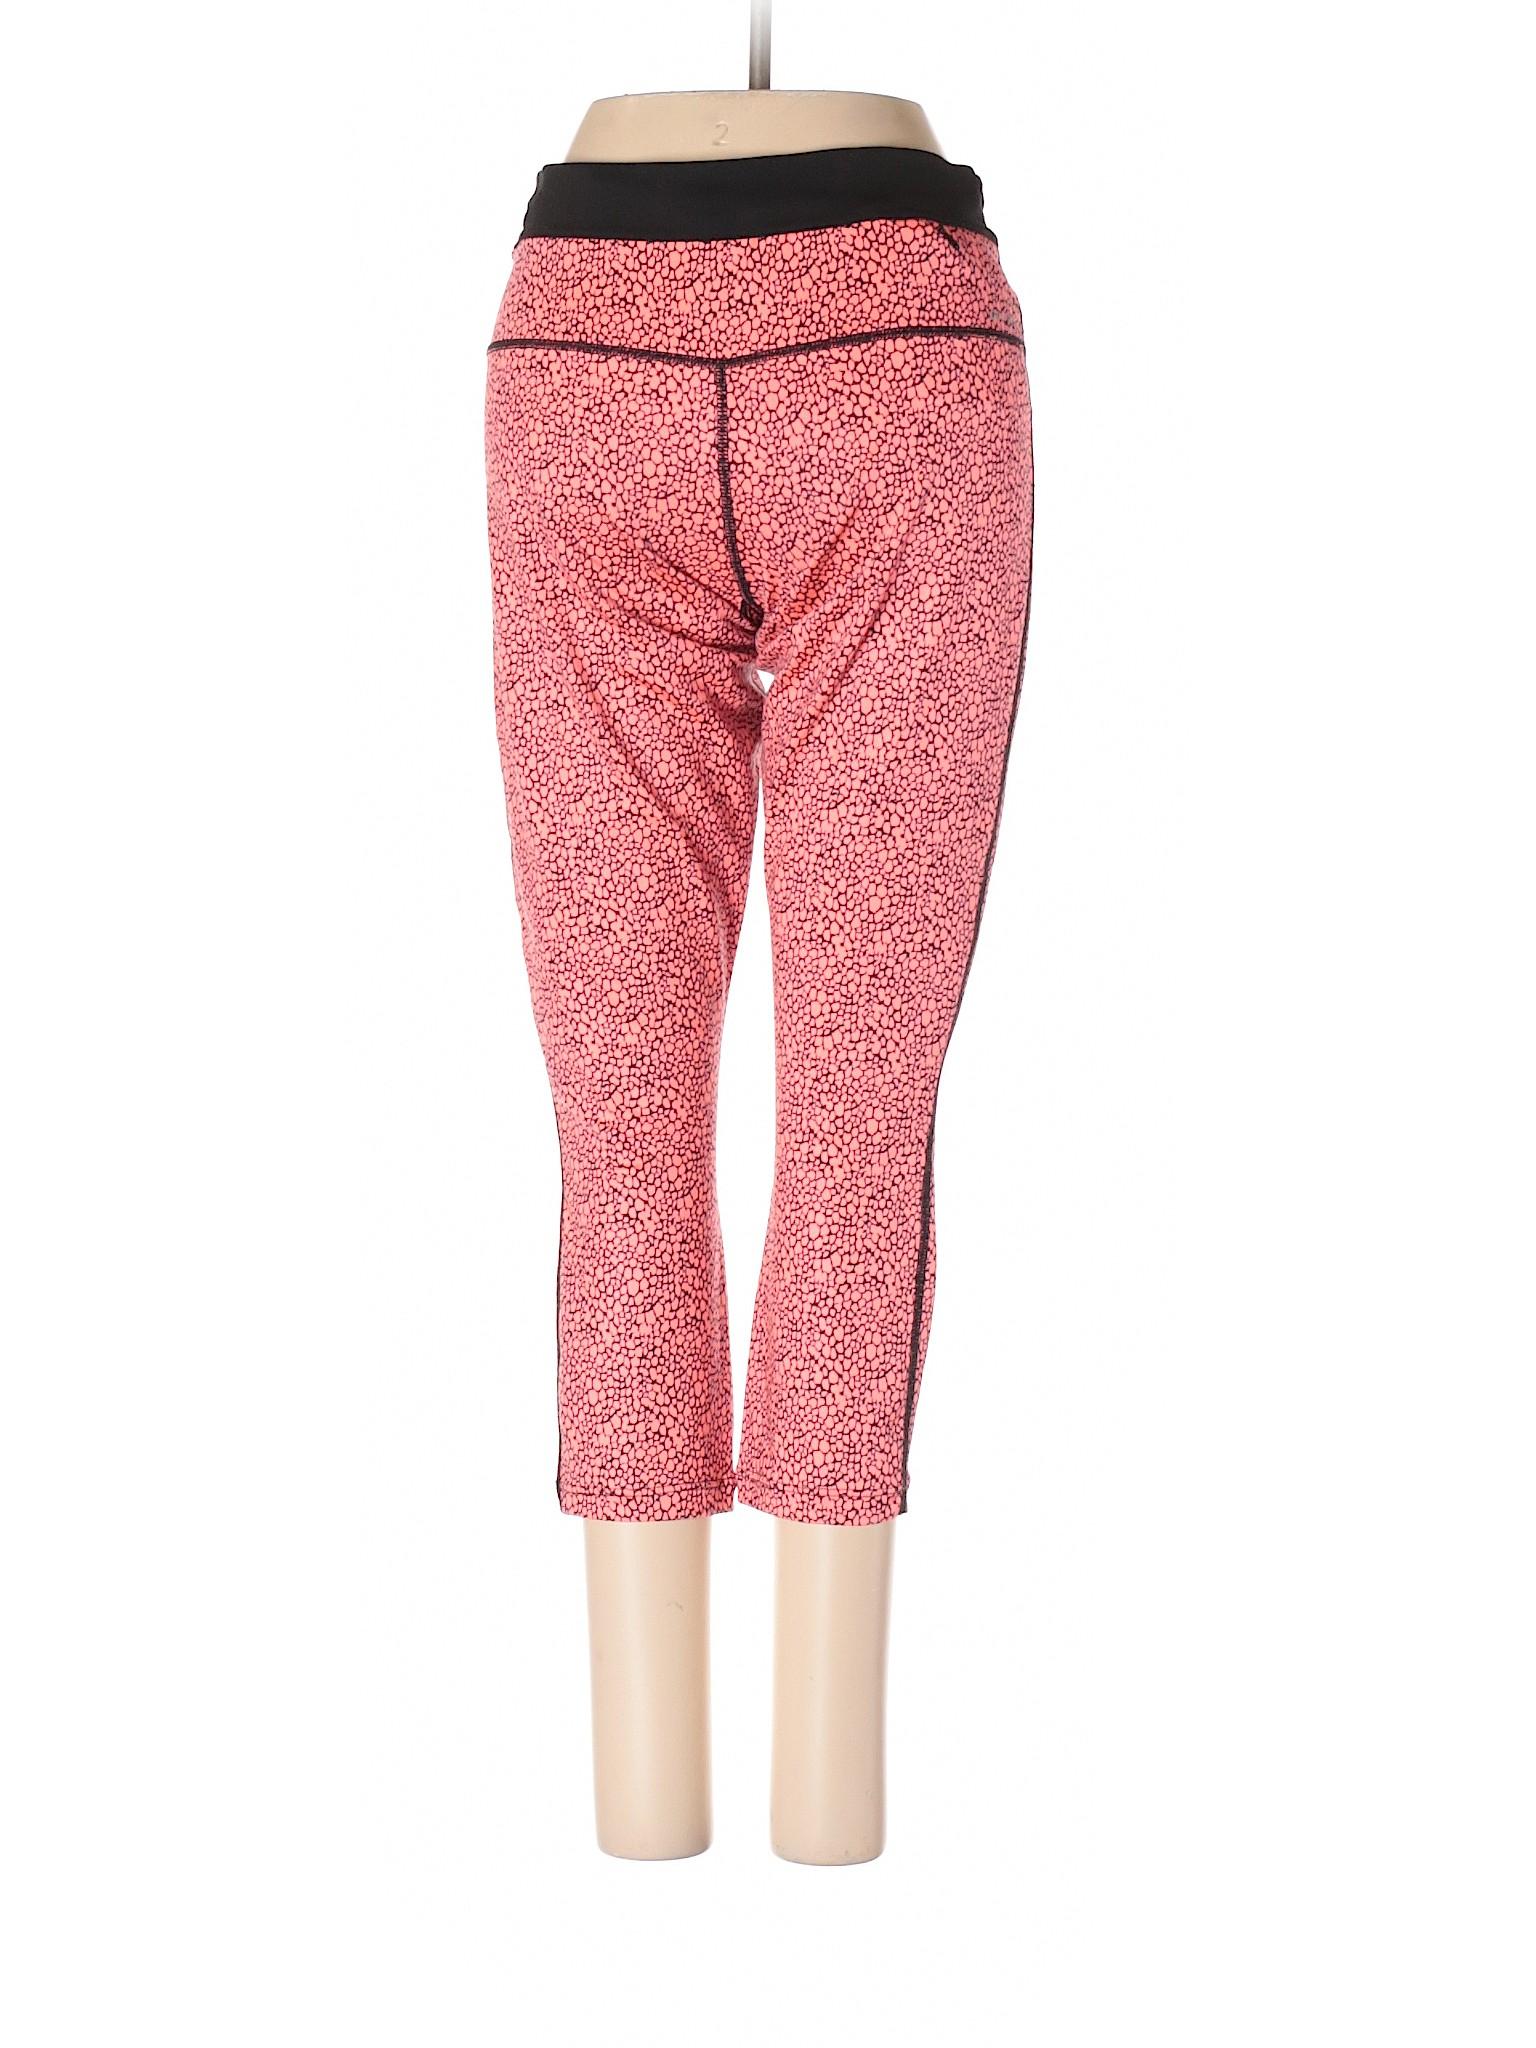 Pants Nike winter Active winter Nike Active Boutique Boutique Pants qppW8wc7R